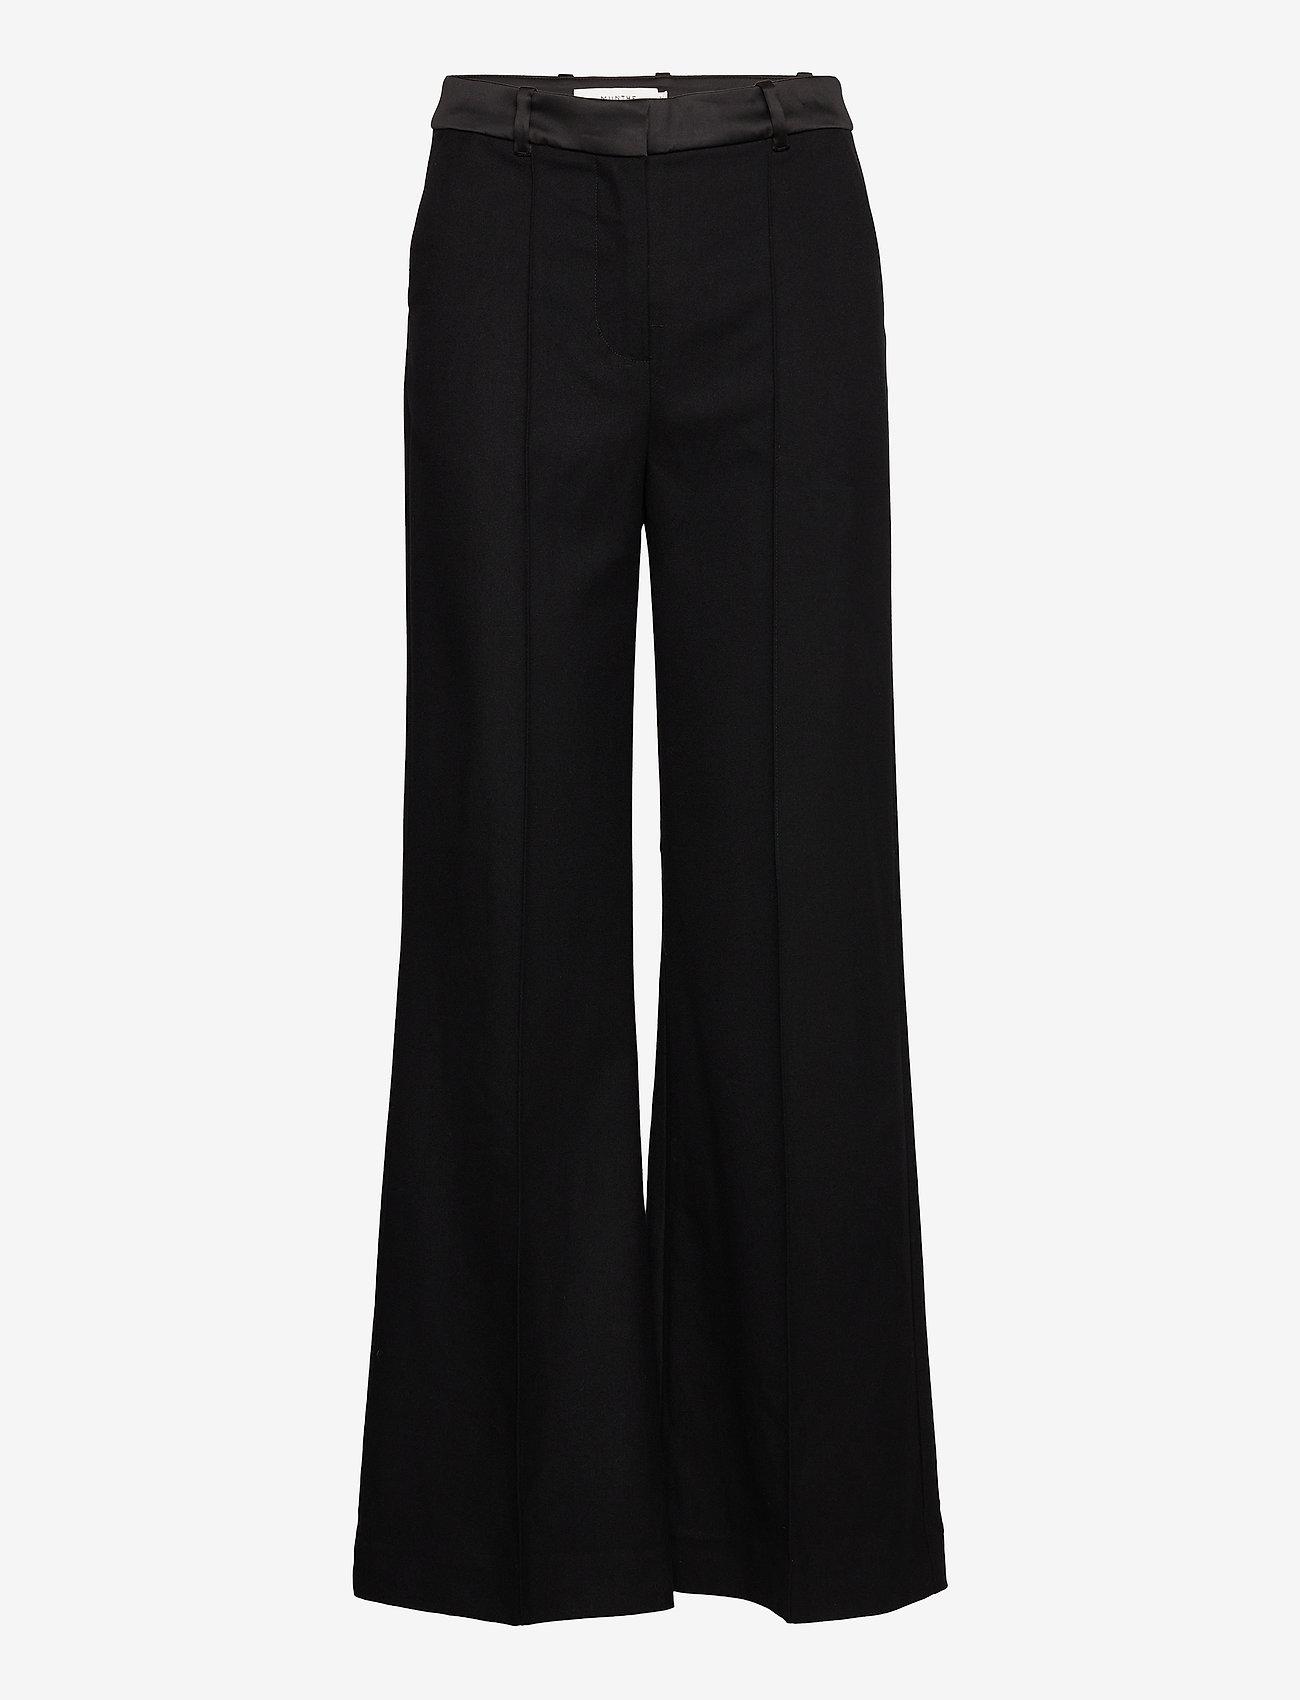 Munthe - LEAF - bukser med brede ben - black - 1